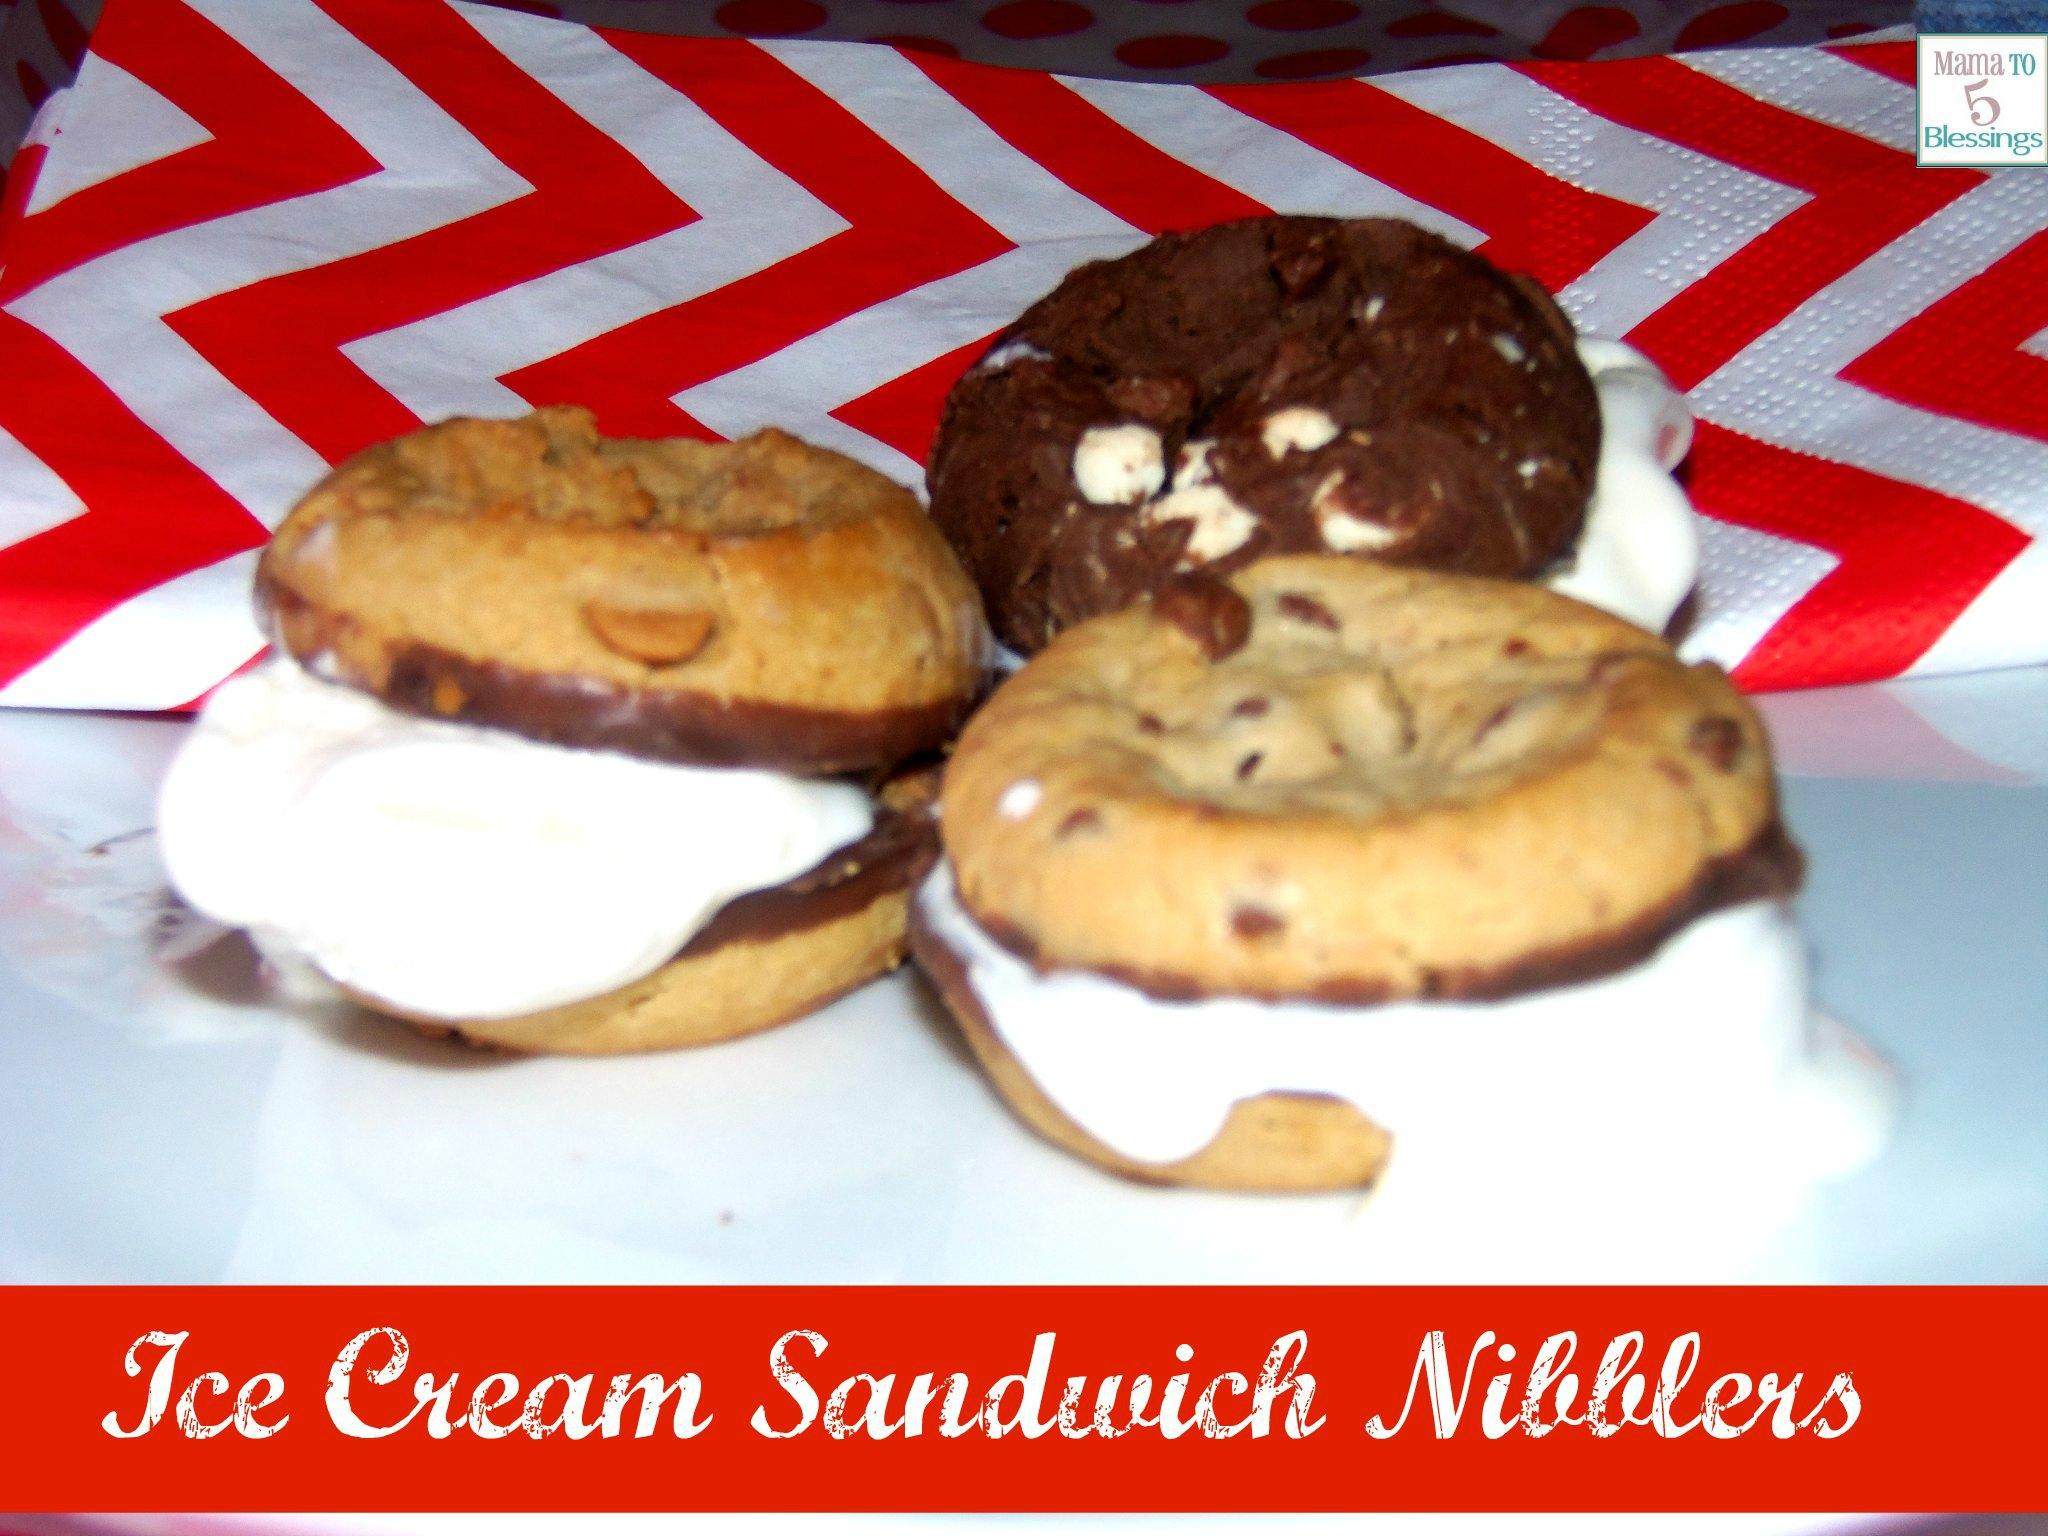 Mrs. Fields Ice Cream Nibblers